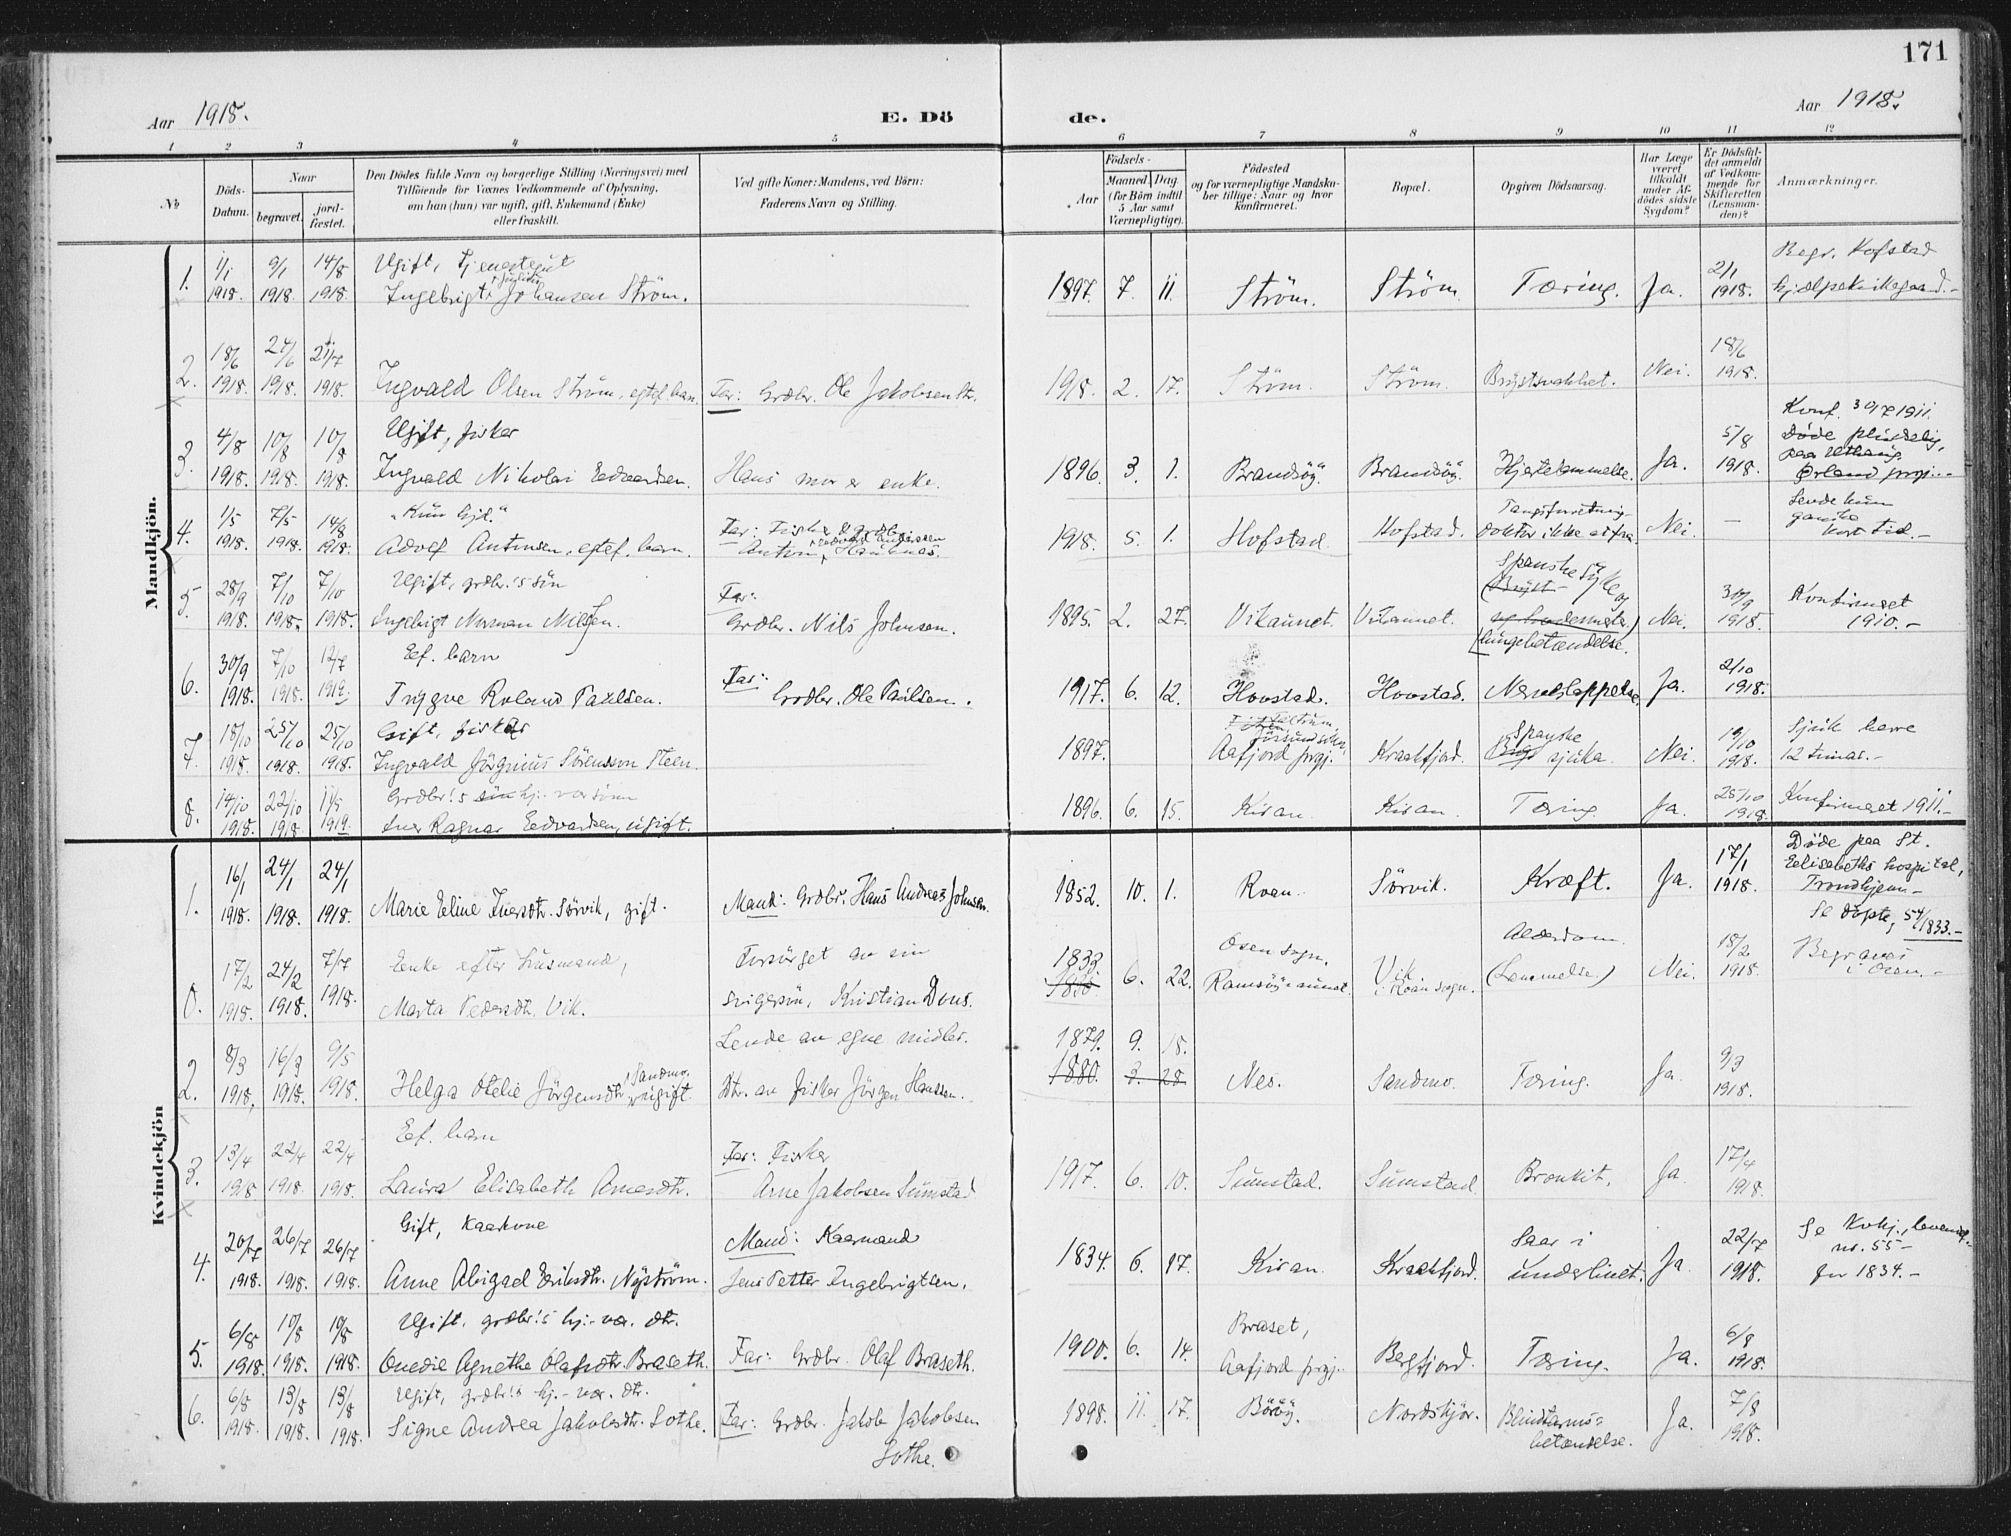 SAT, Ministerialprotokoller, klokkerbøker og fødselsregistre - Sør-Trøndelag, 657/L0709: Ministerialbok nr. 657A10, 1905-1919, s. 171